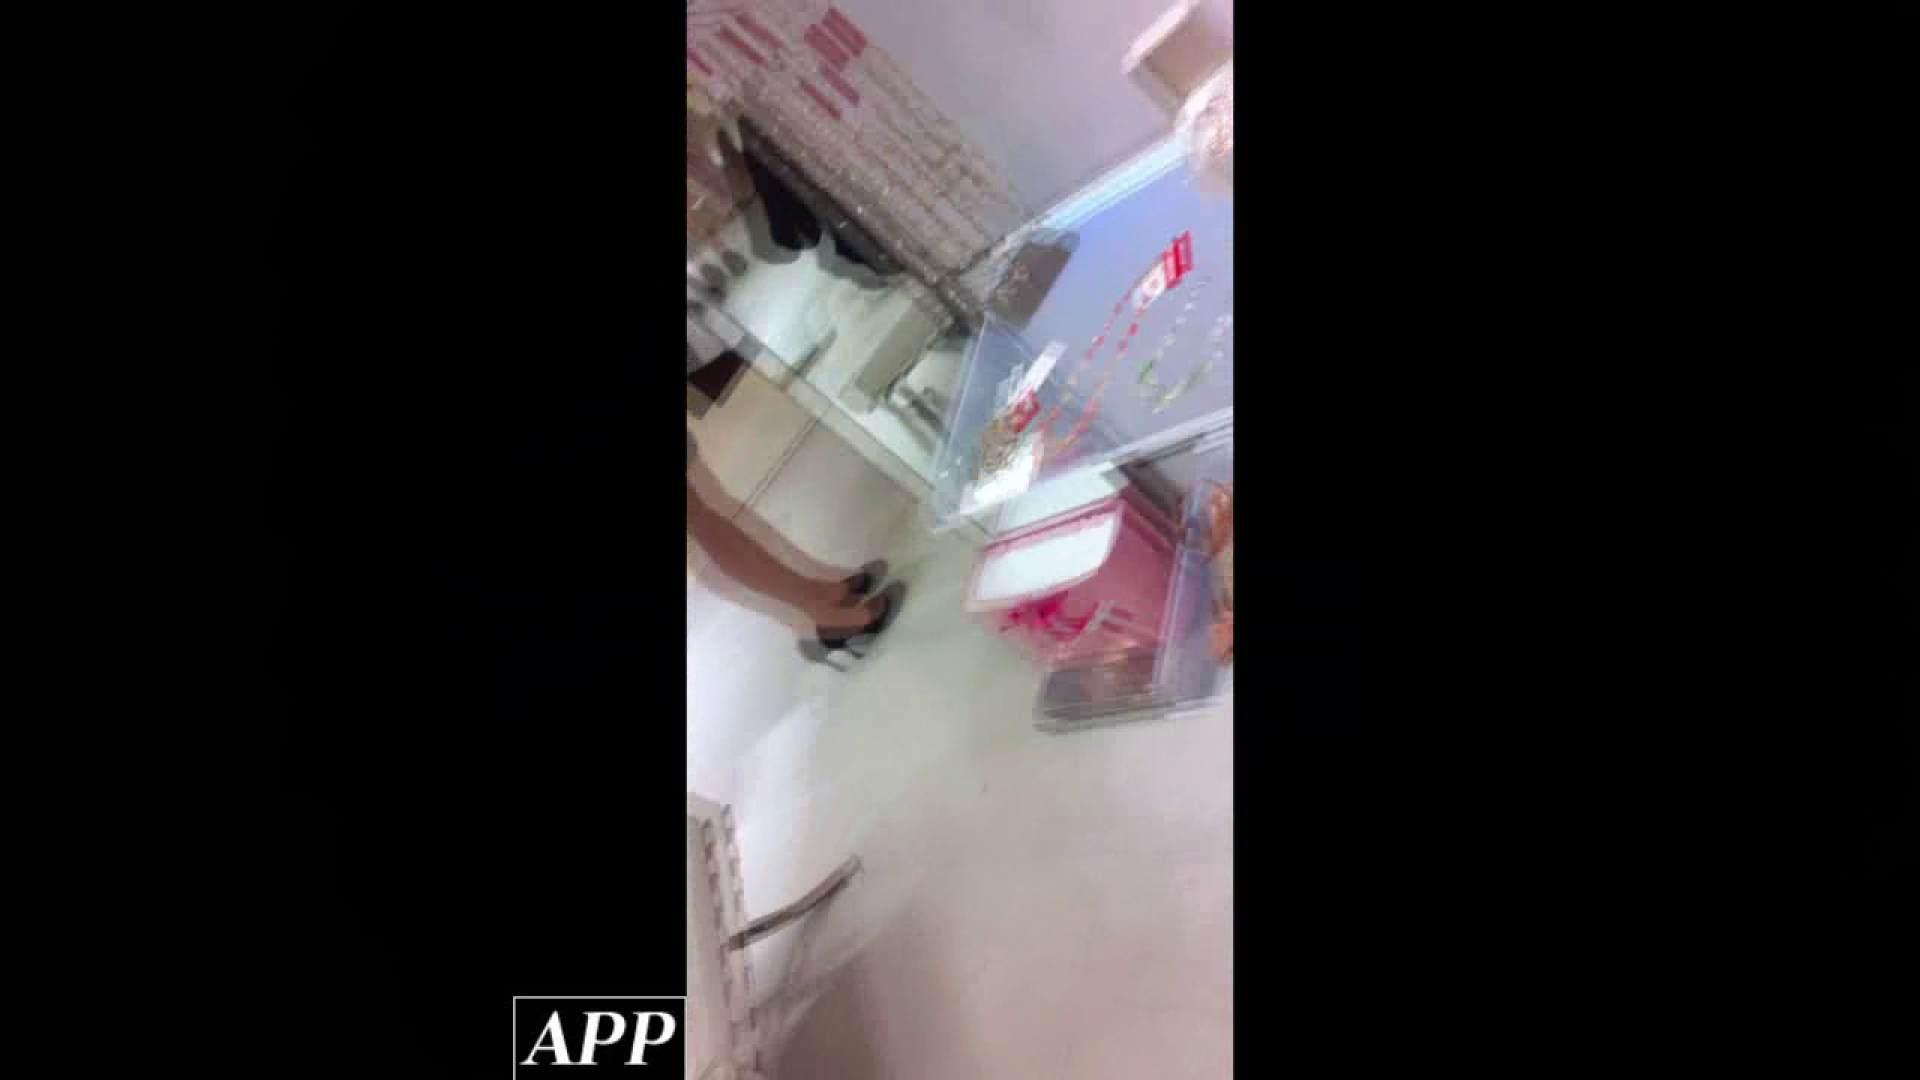 ハイビジョン盗撮!ショップ店員千人斬り!胸チラ編 vol.78 チクビ のぞき動画画像 11pic 11